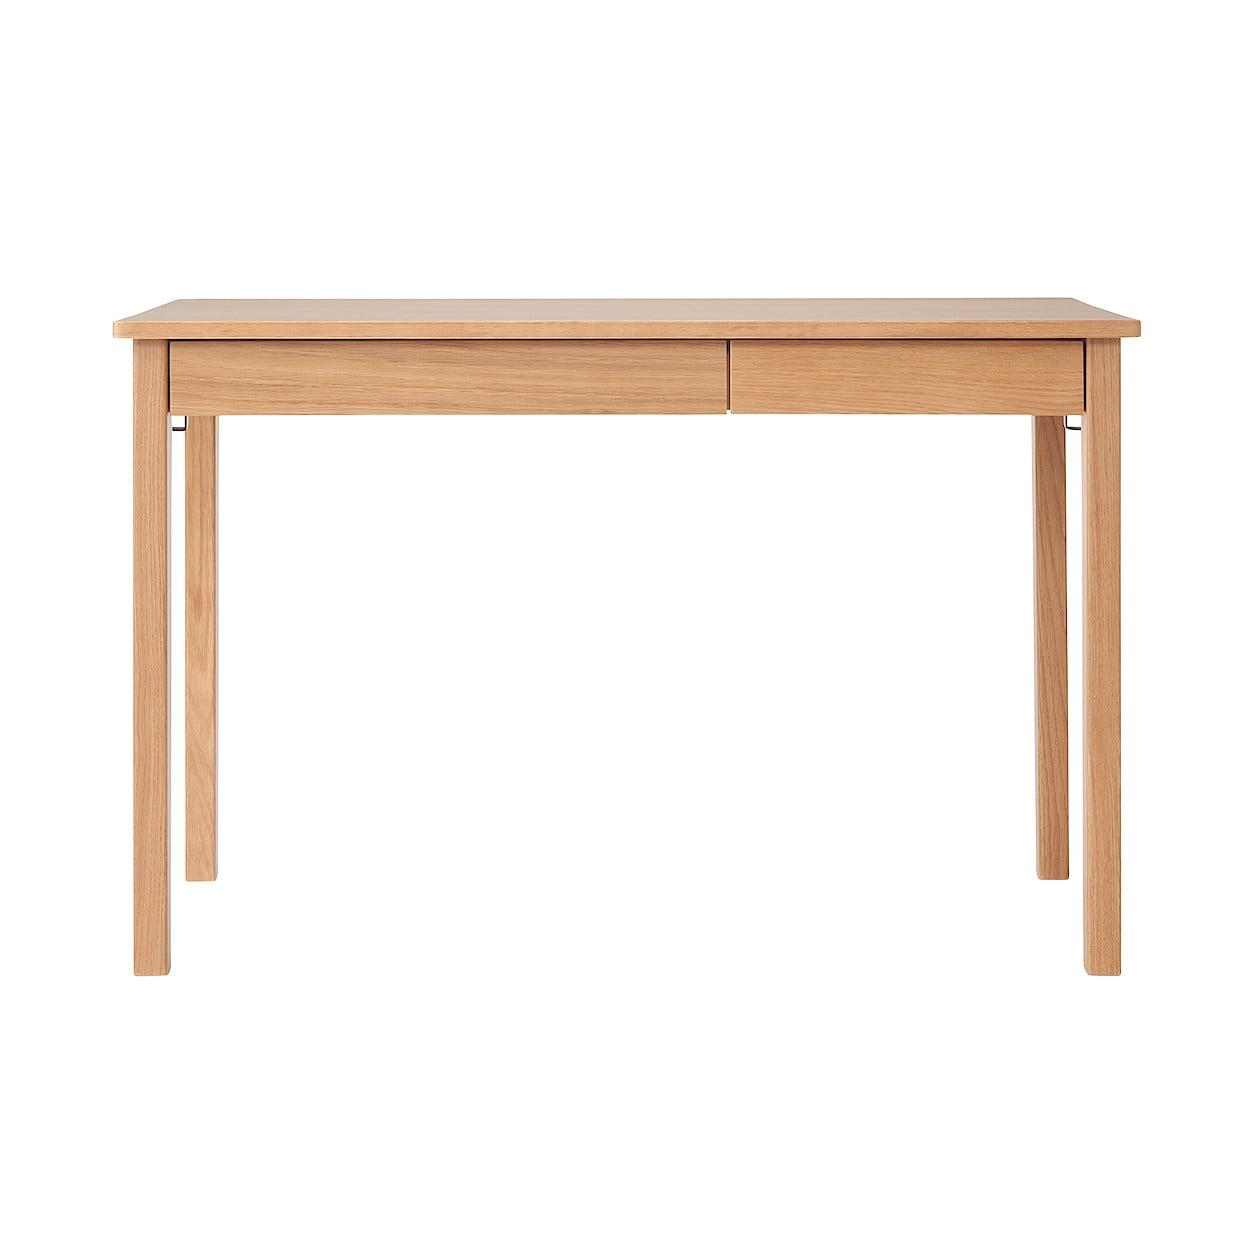 木製デスク・オーク材 幅110×奥行55×高さ70cm